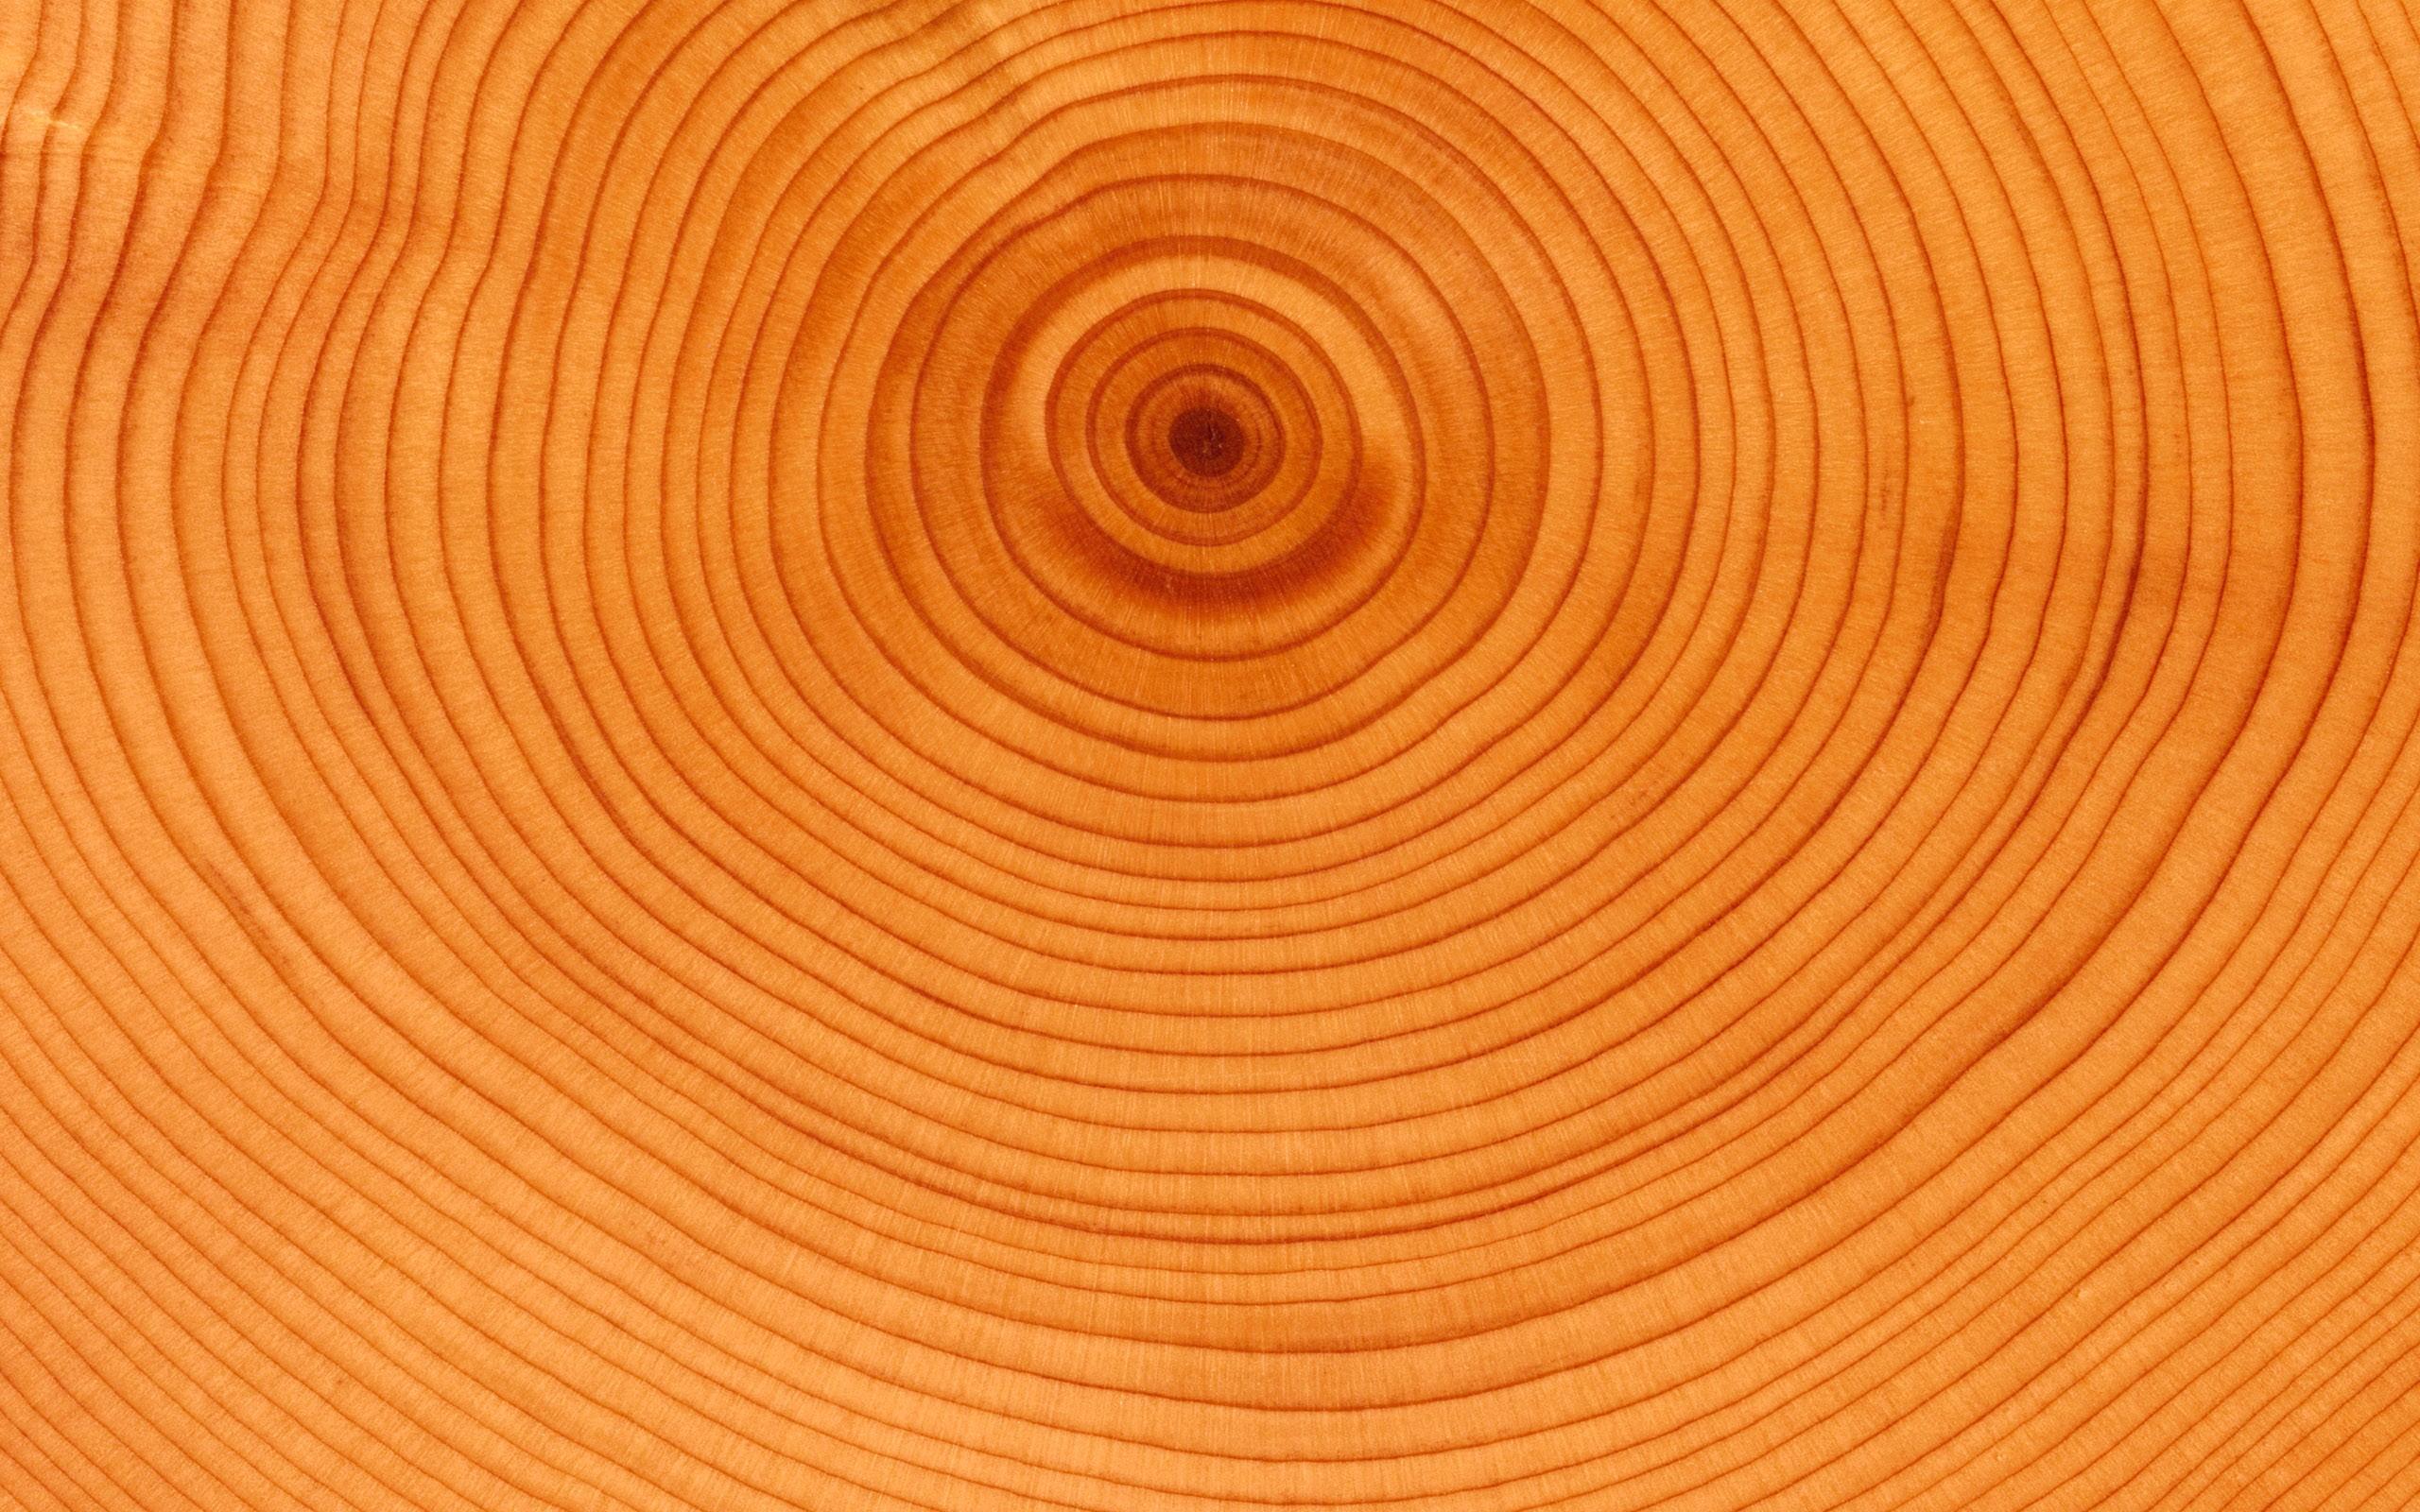 Textura de anillos de árbol - 2560x1600